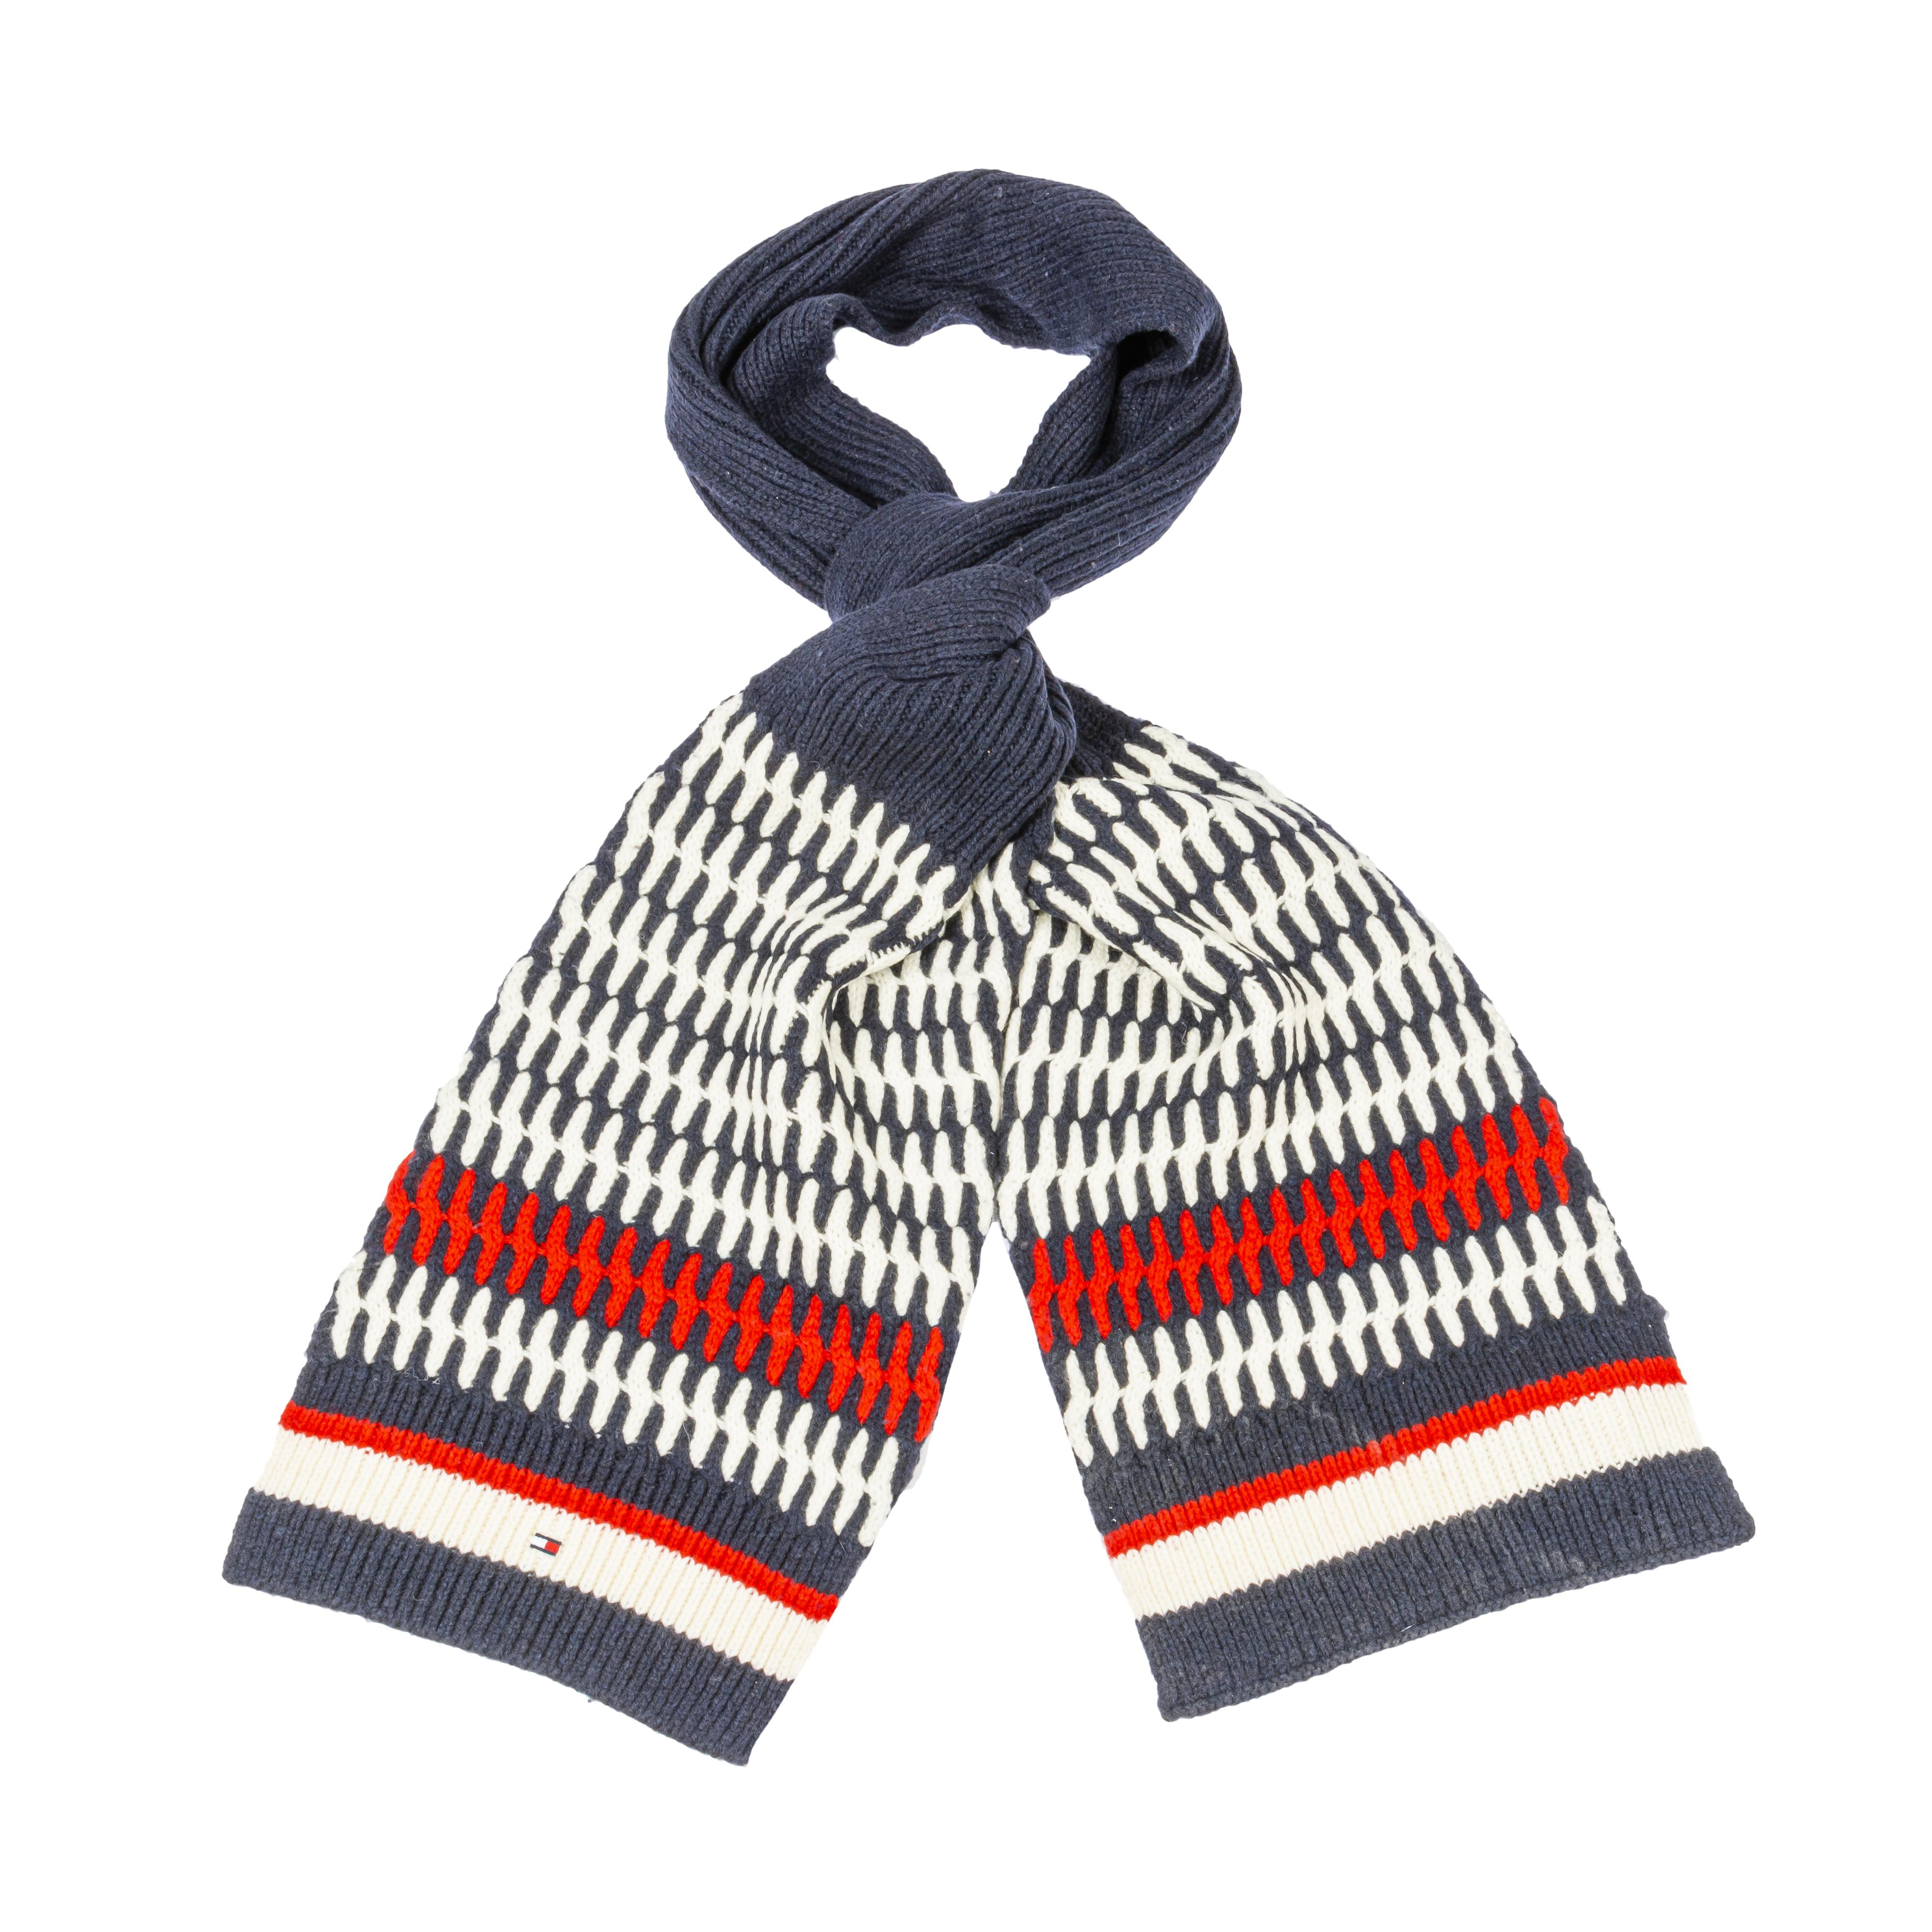 Echarpe tommy hilfiger tailored cable en laine mélangé bleu marine, rouge et blanc cassé